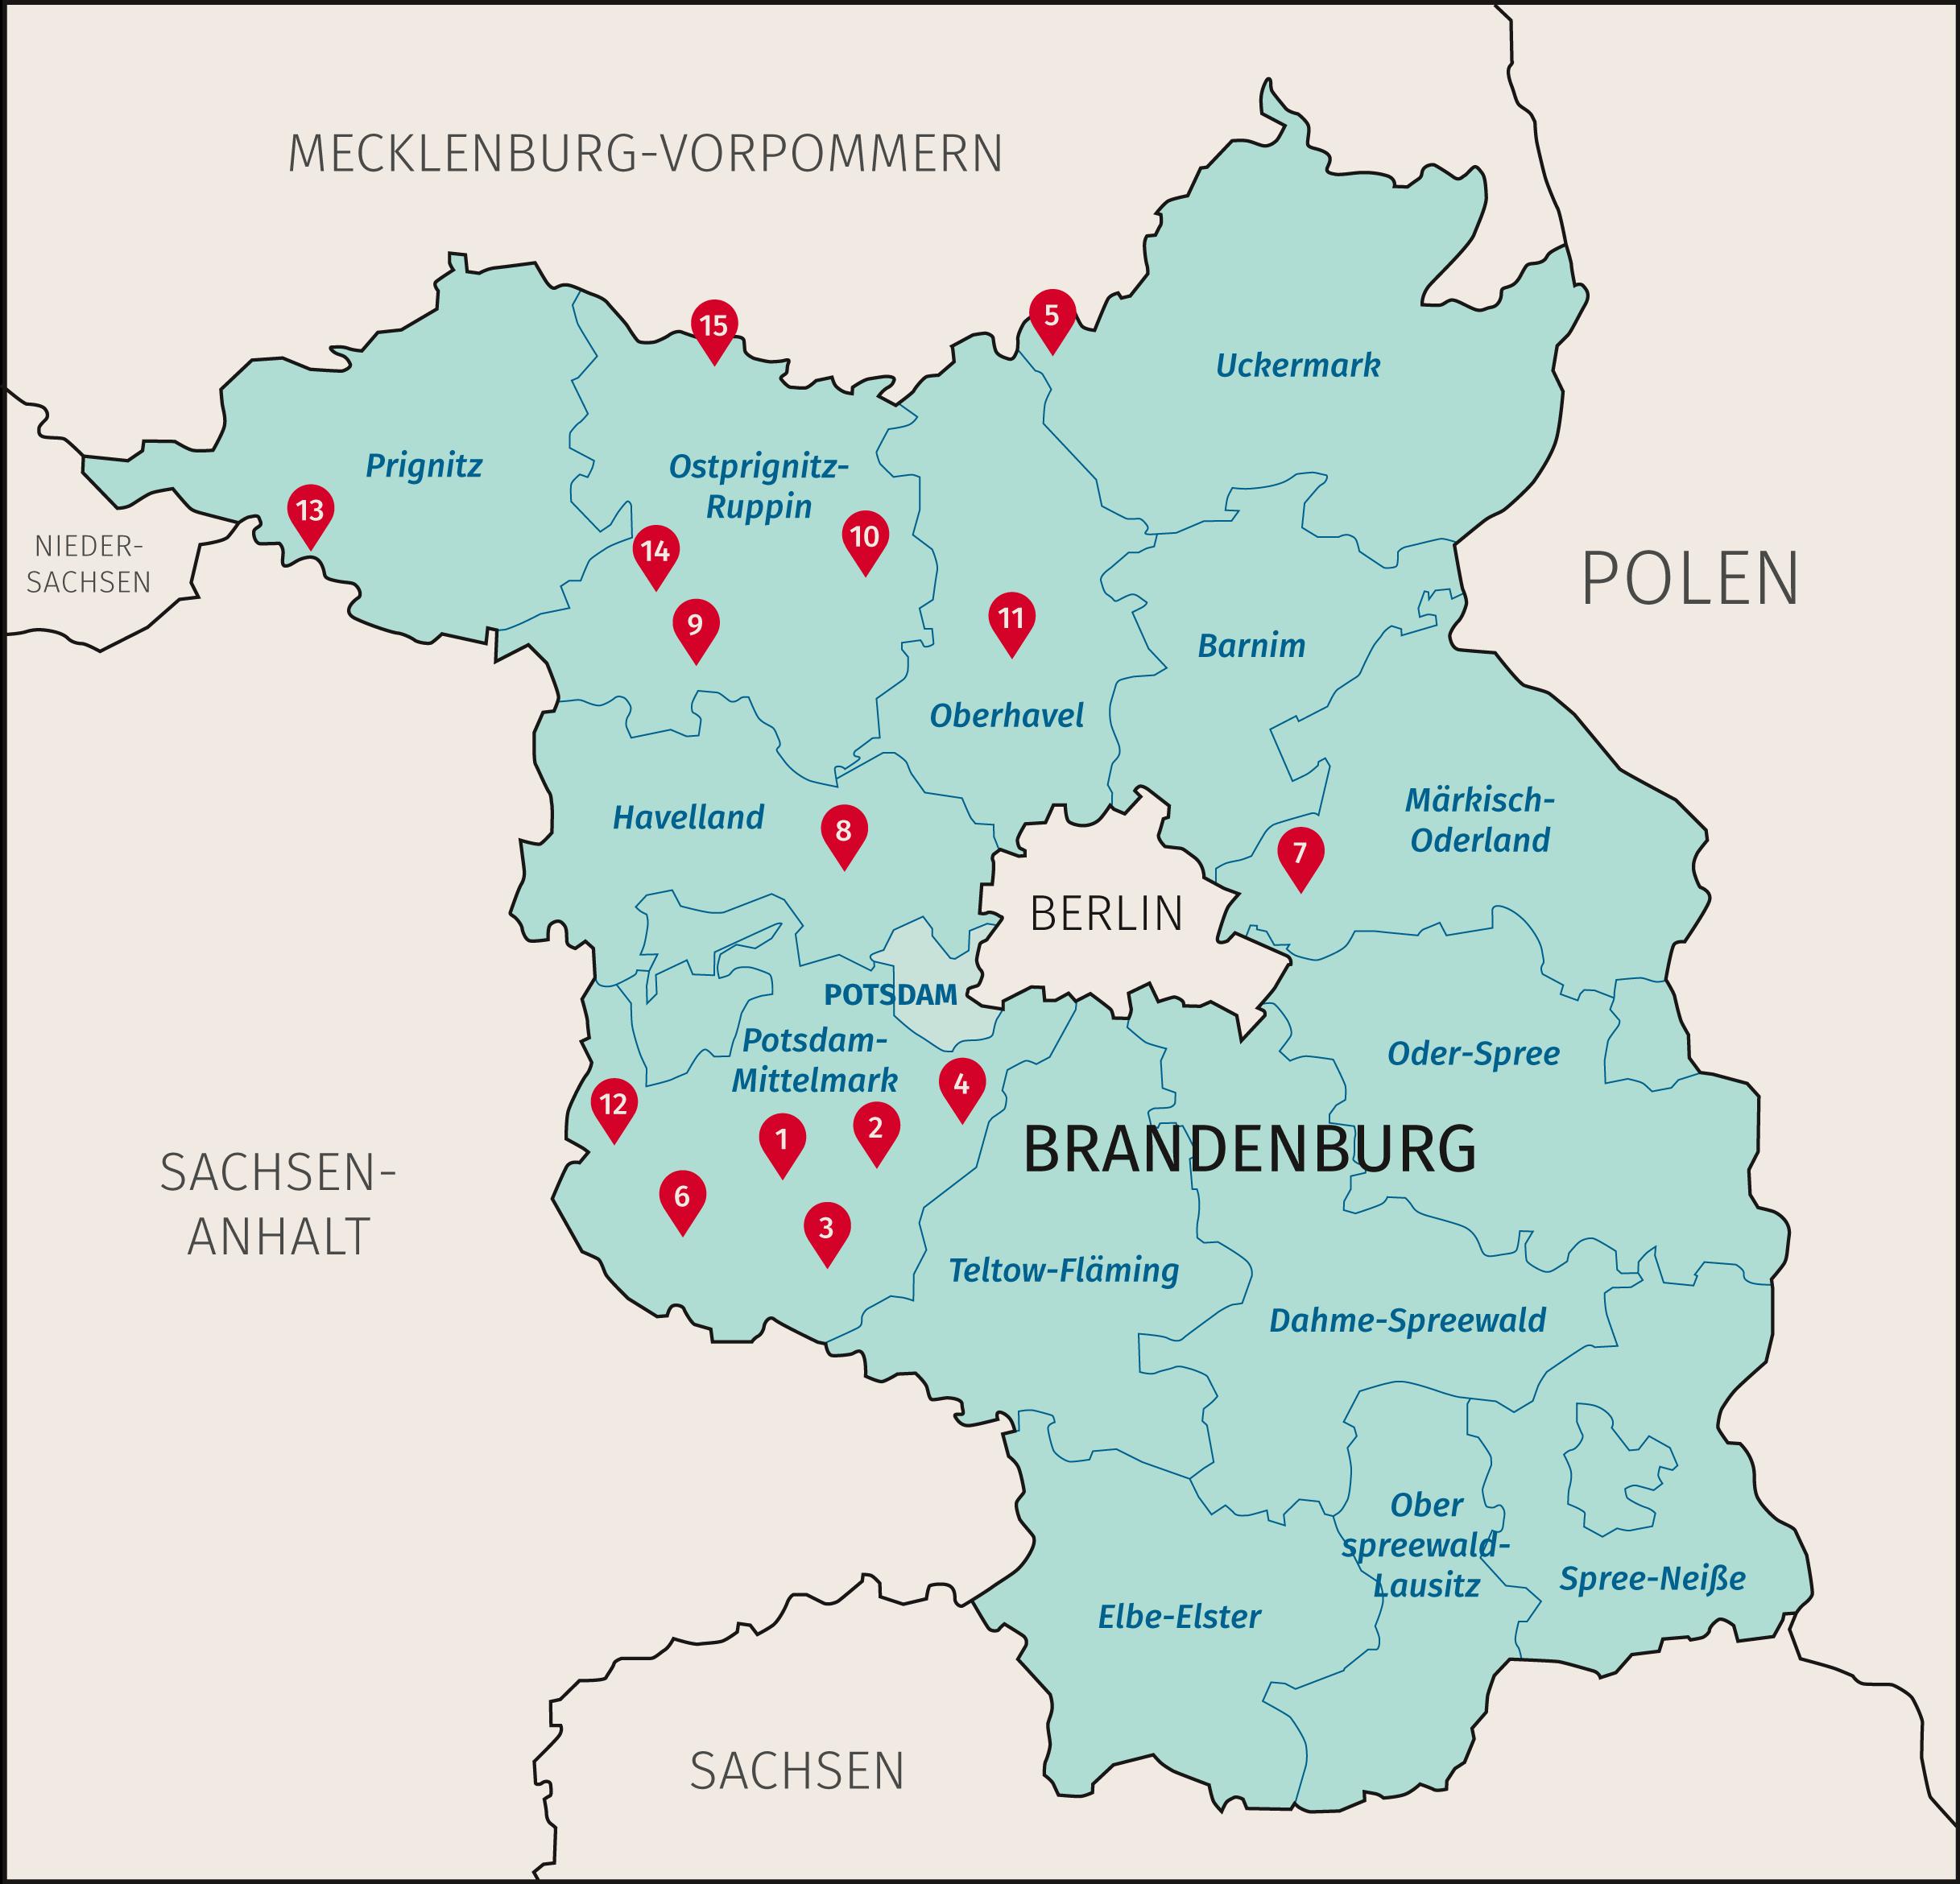 Karte Land Brandenburg mit den Standorten der RaumPioniereZukunft